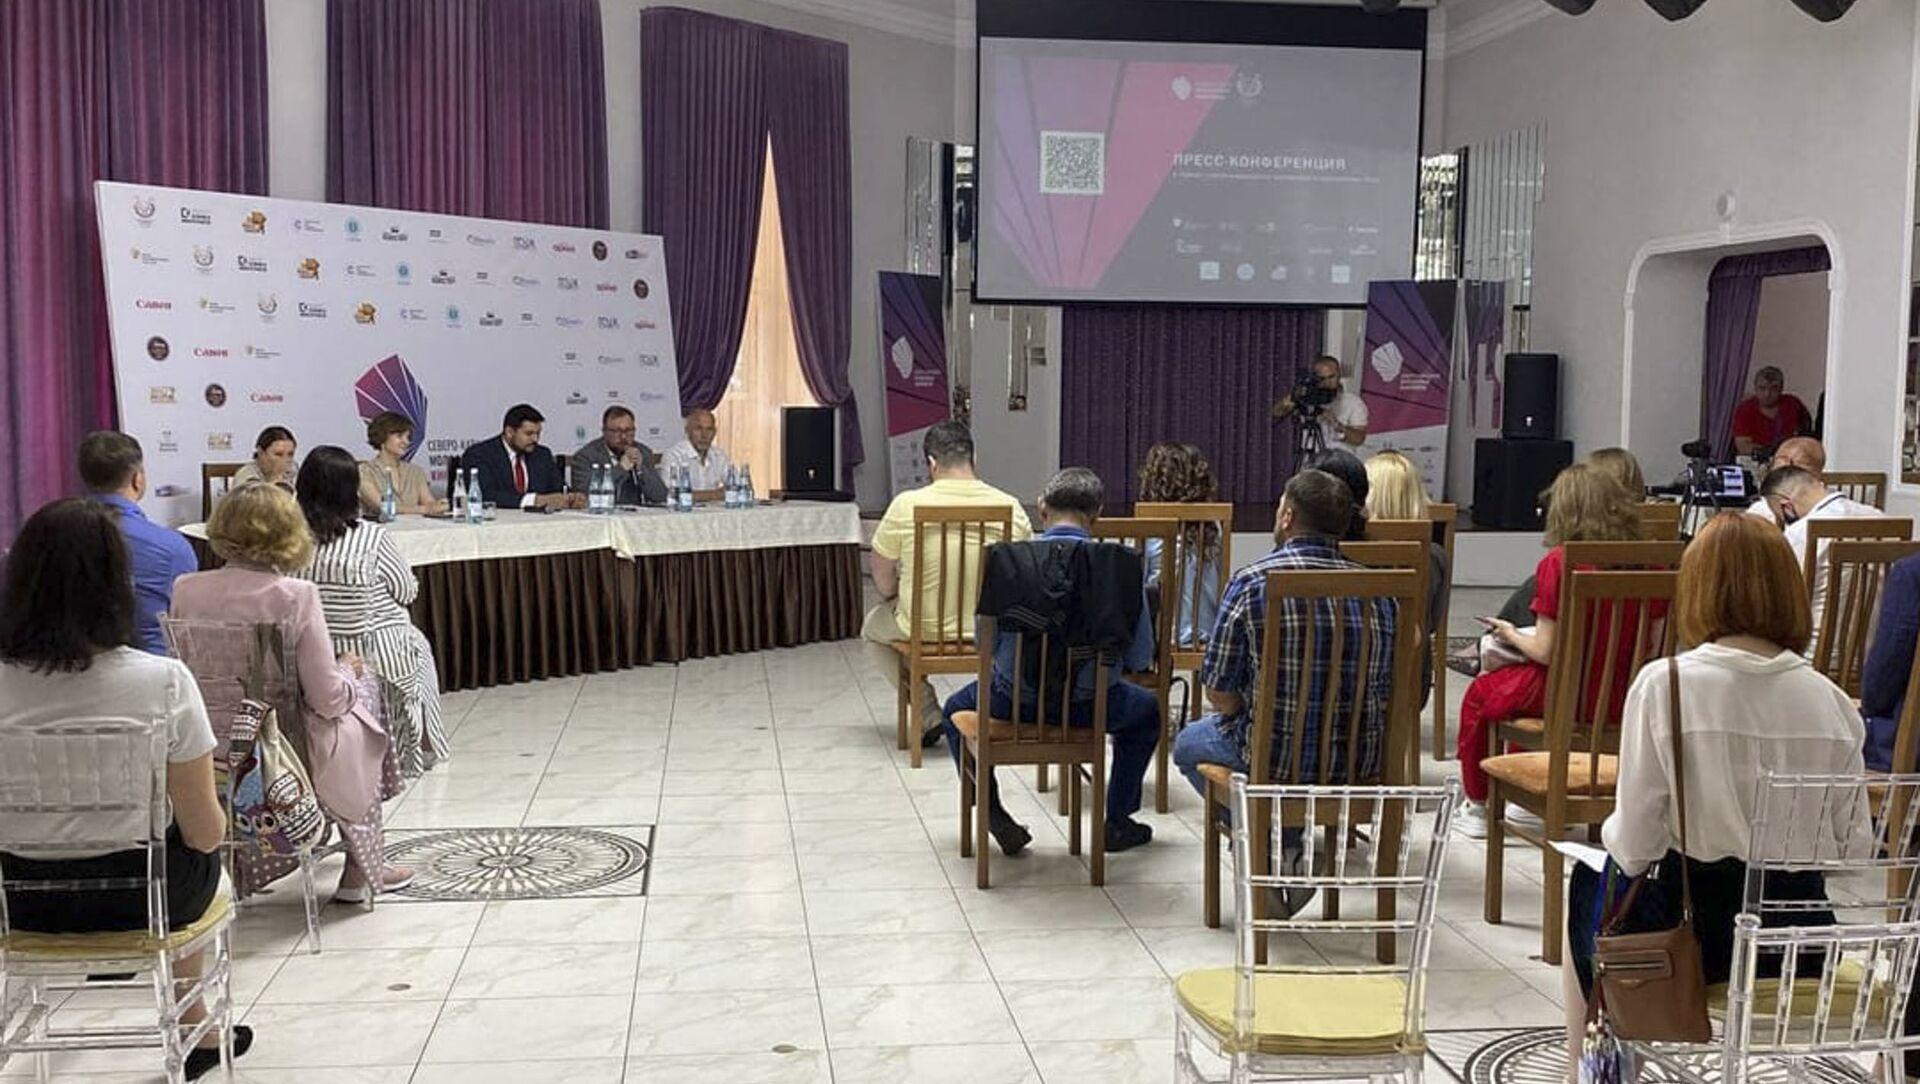 Северо-Кавказский молодежный кинофорум проходит в эти дни в столице Карачаево-Черкесии  - Sputnik Аҧсны, 1920, 21.06.2021